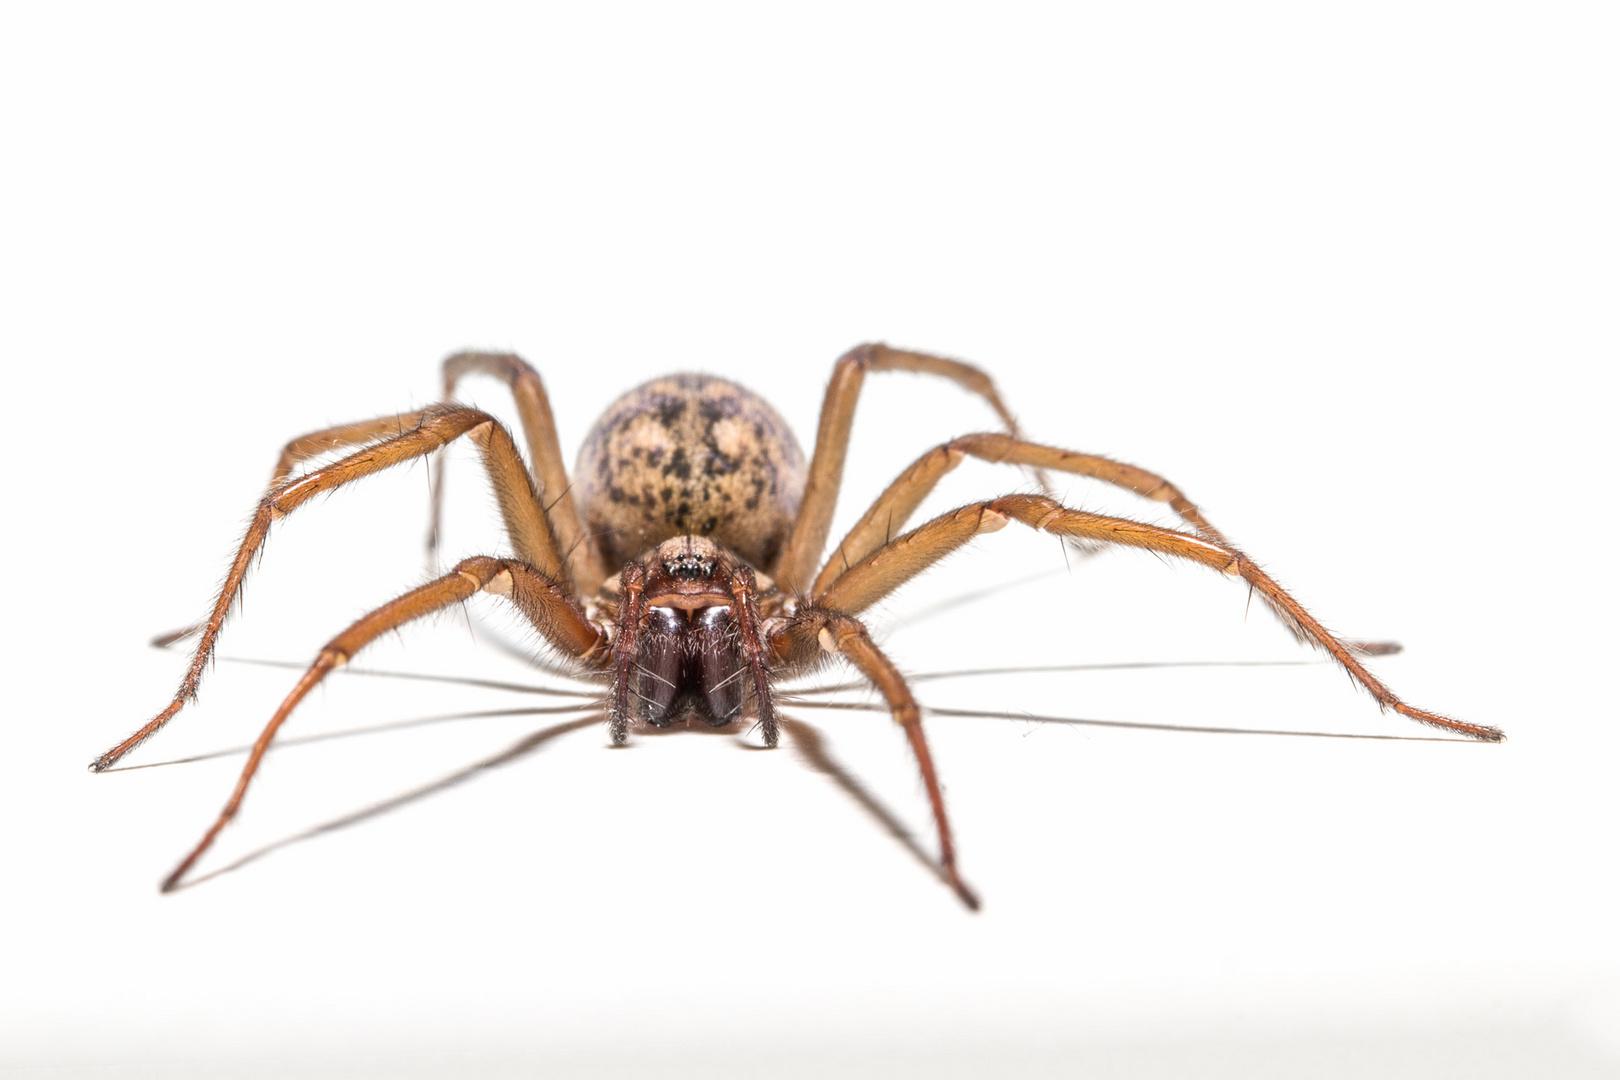 Spinne auf der Hohlkehle